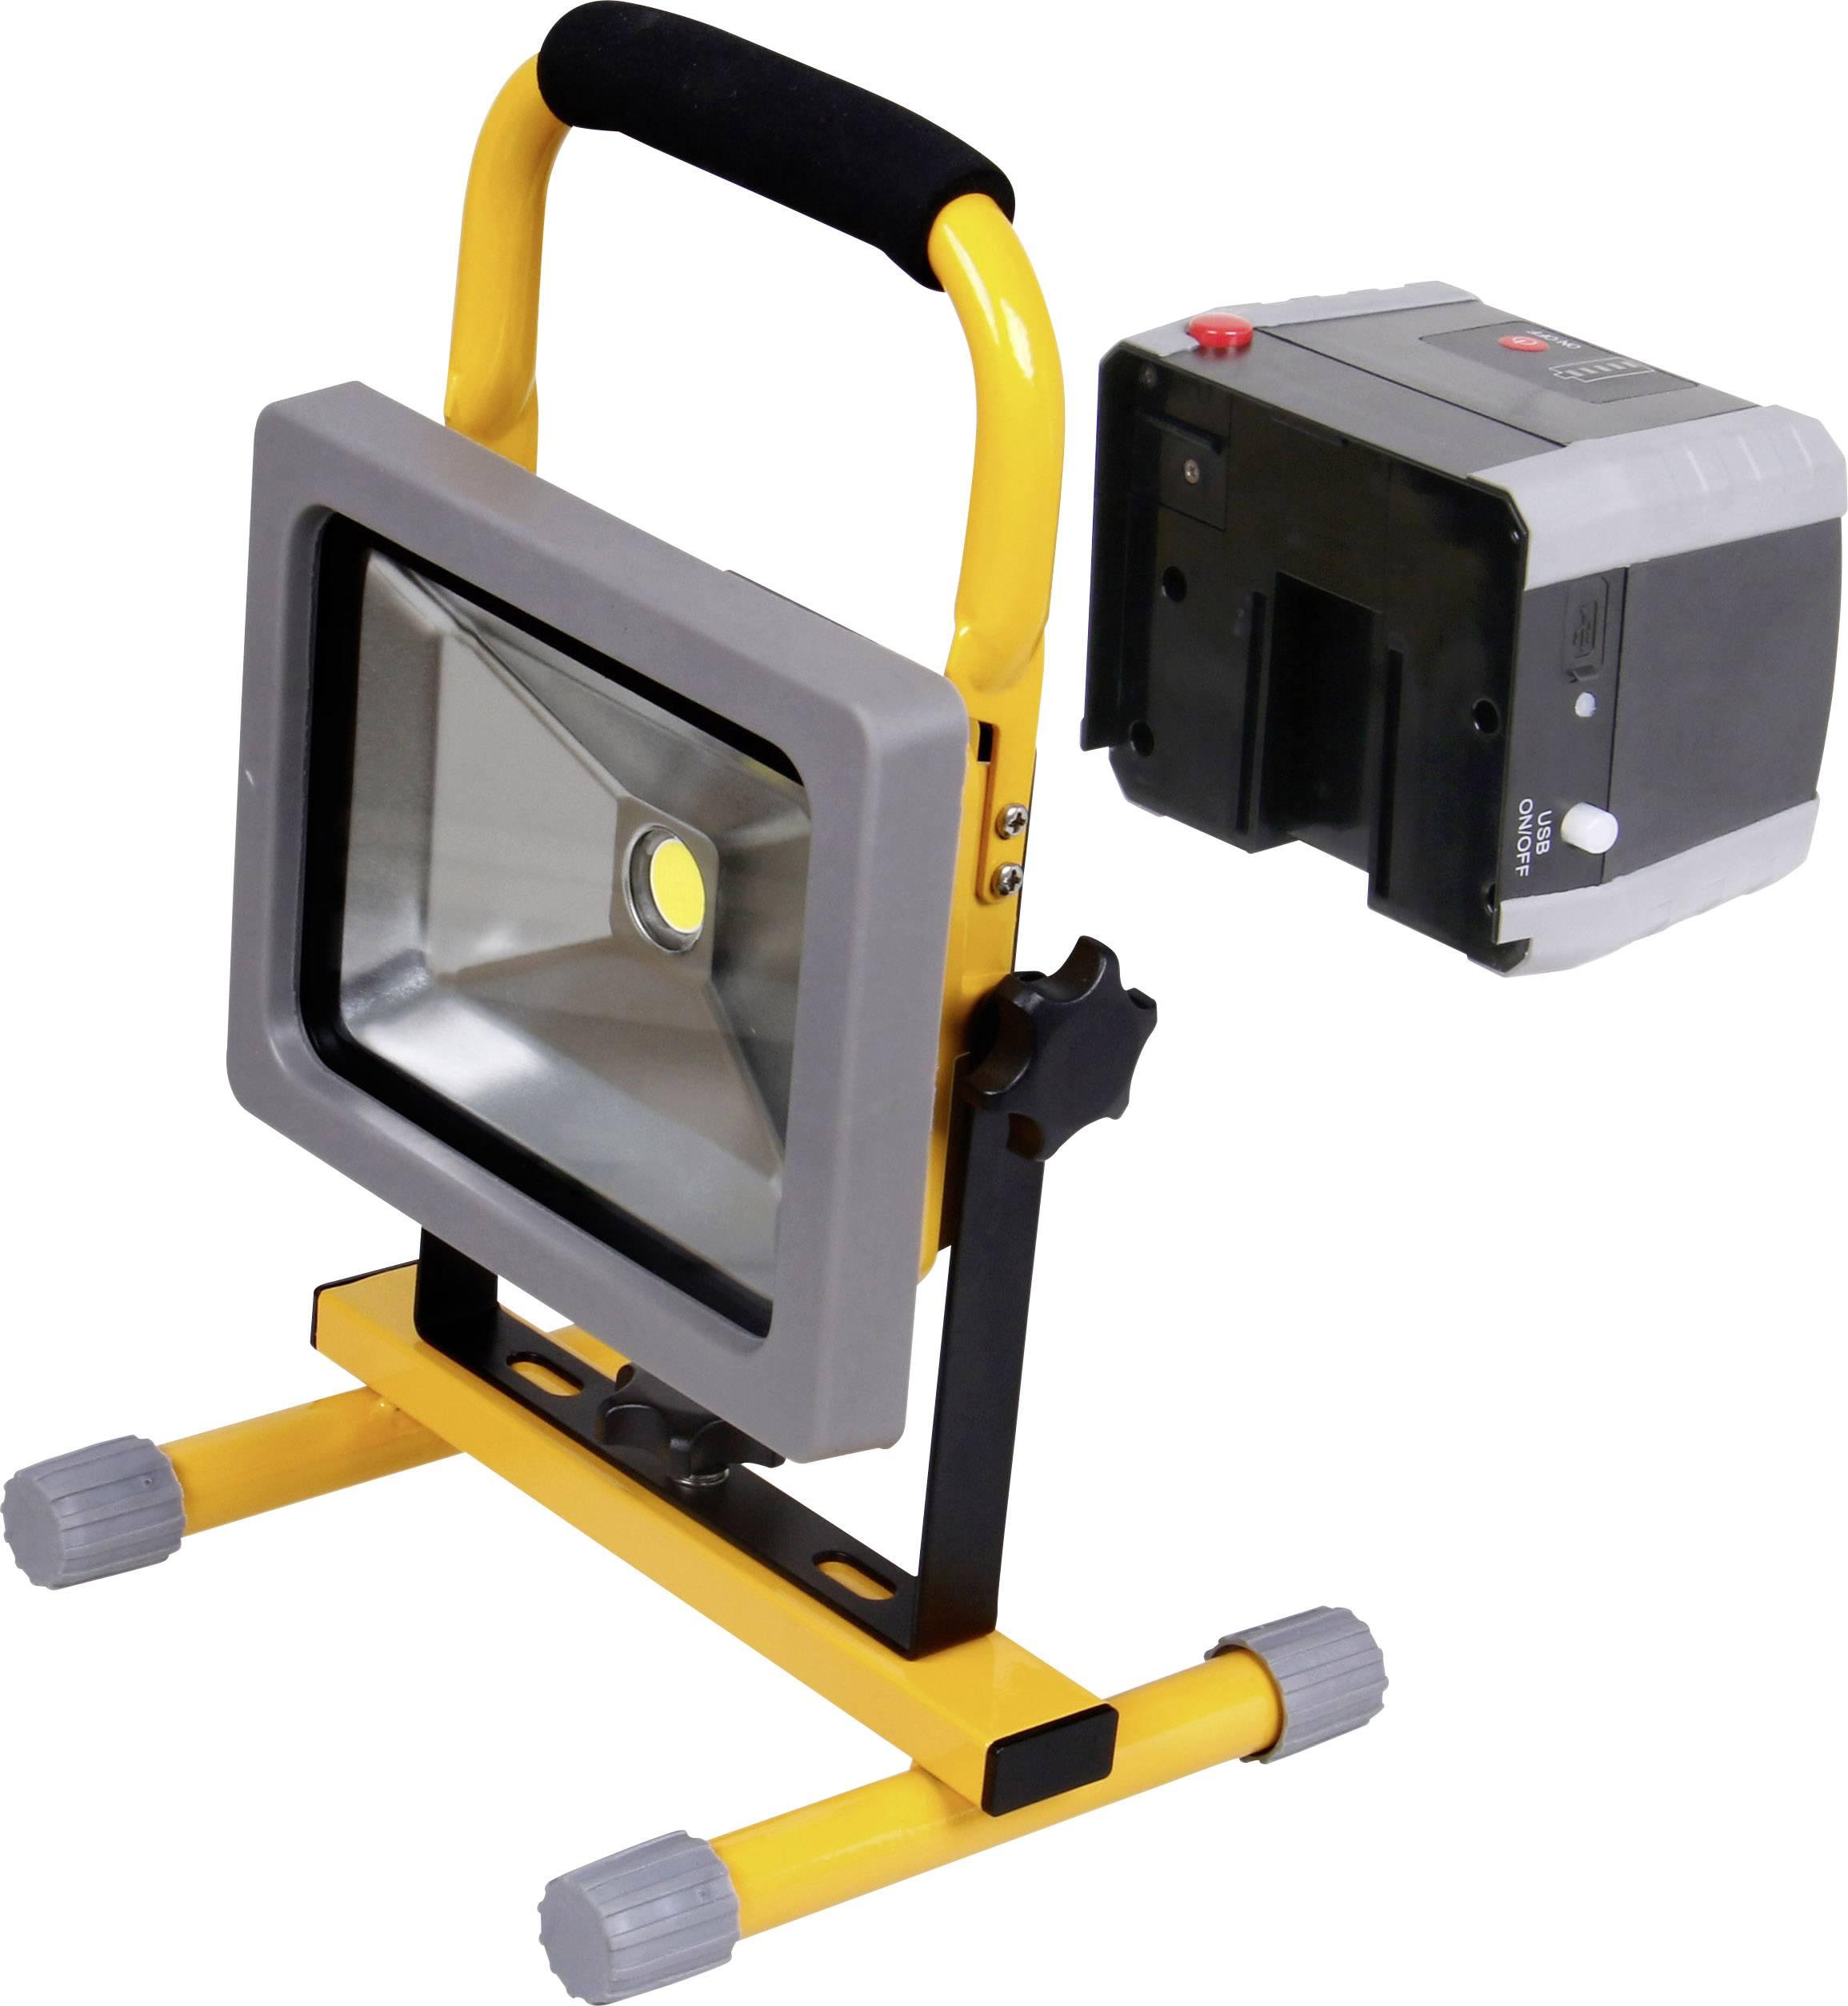 COB LED pracovné osvetlenie Shada 300171 20 W, napájanie z akumulátora